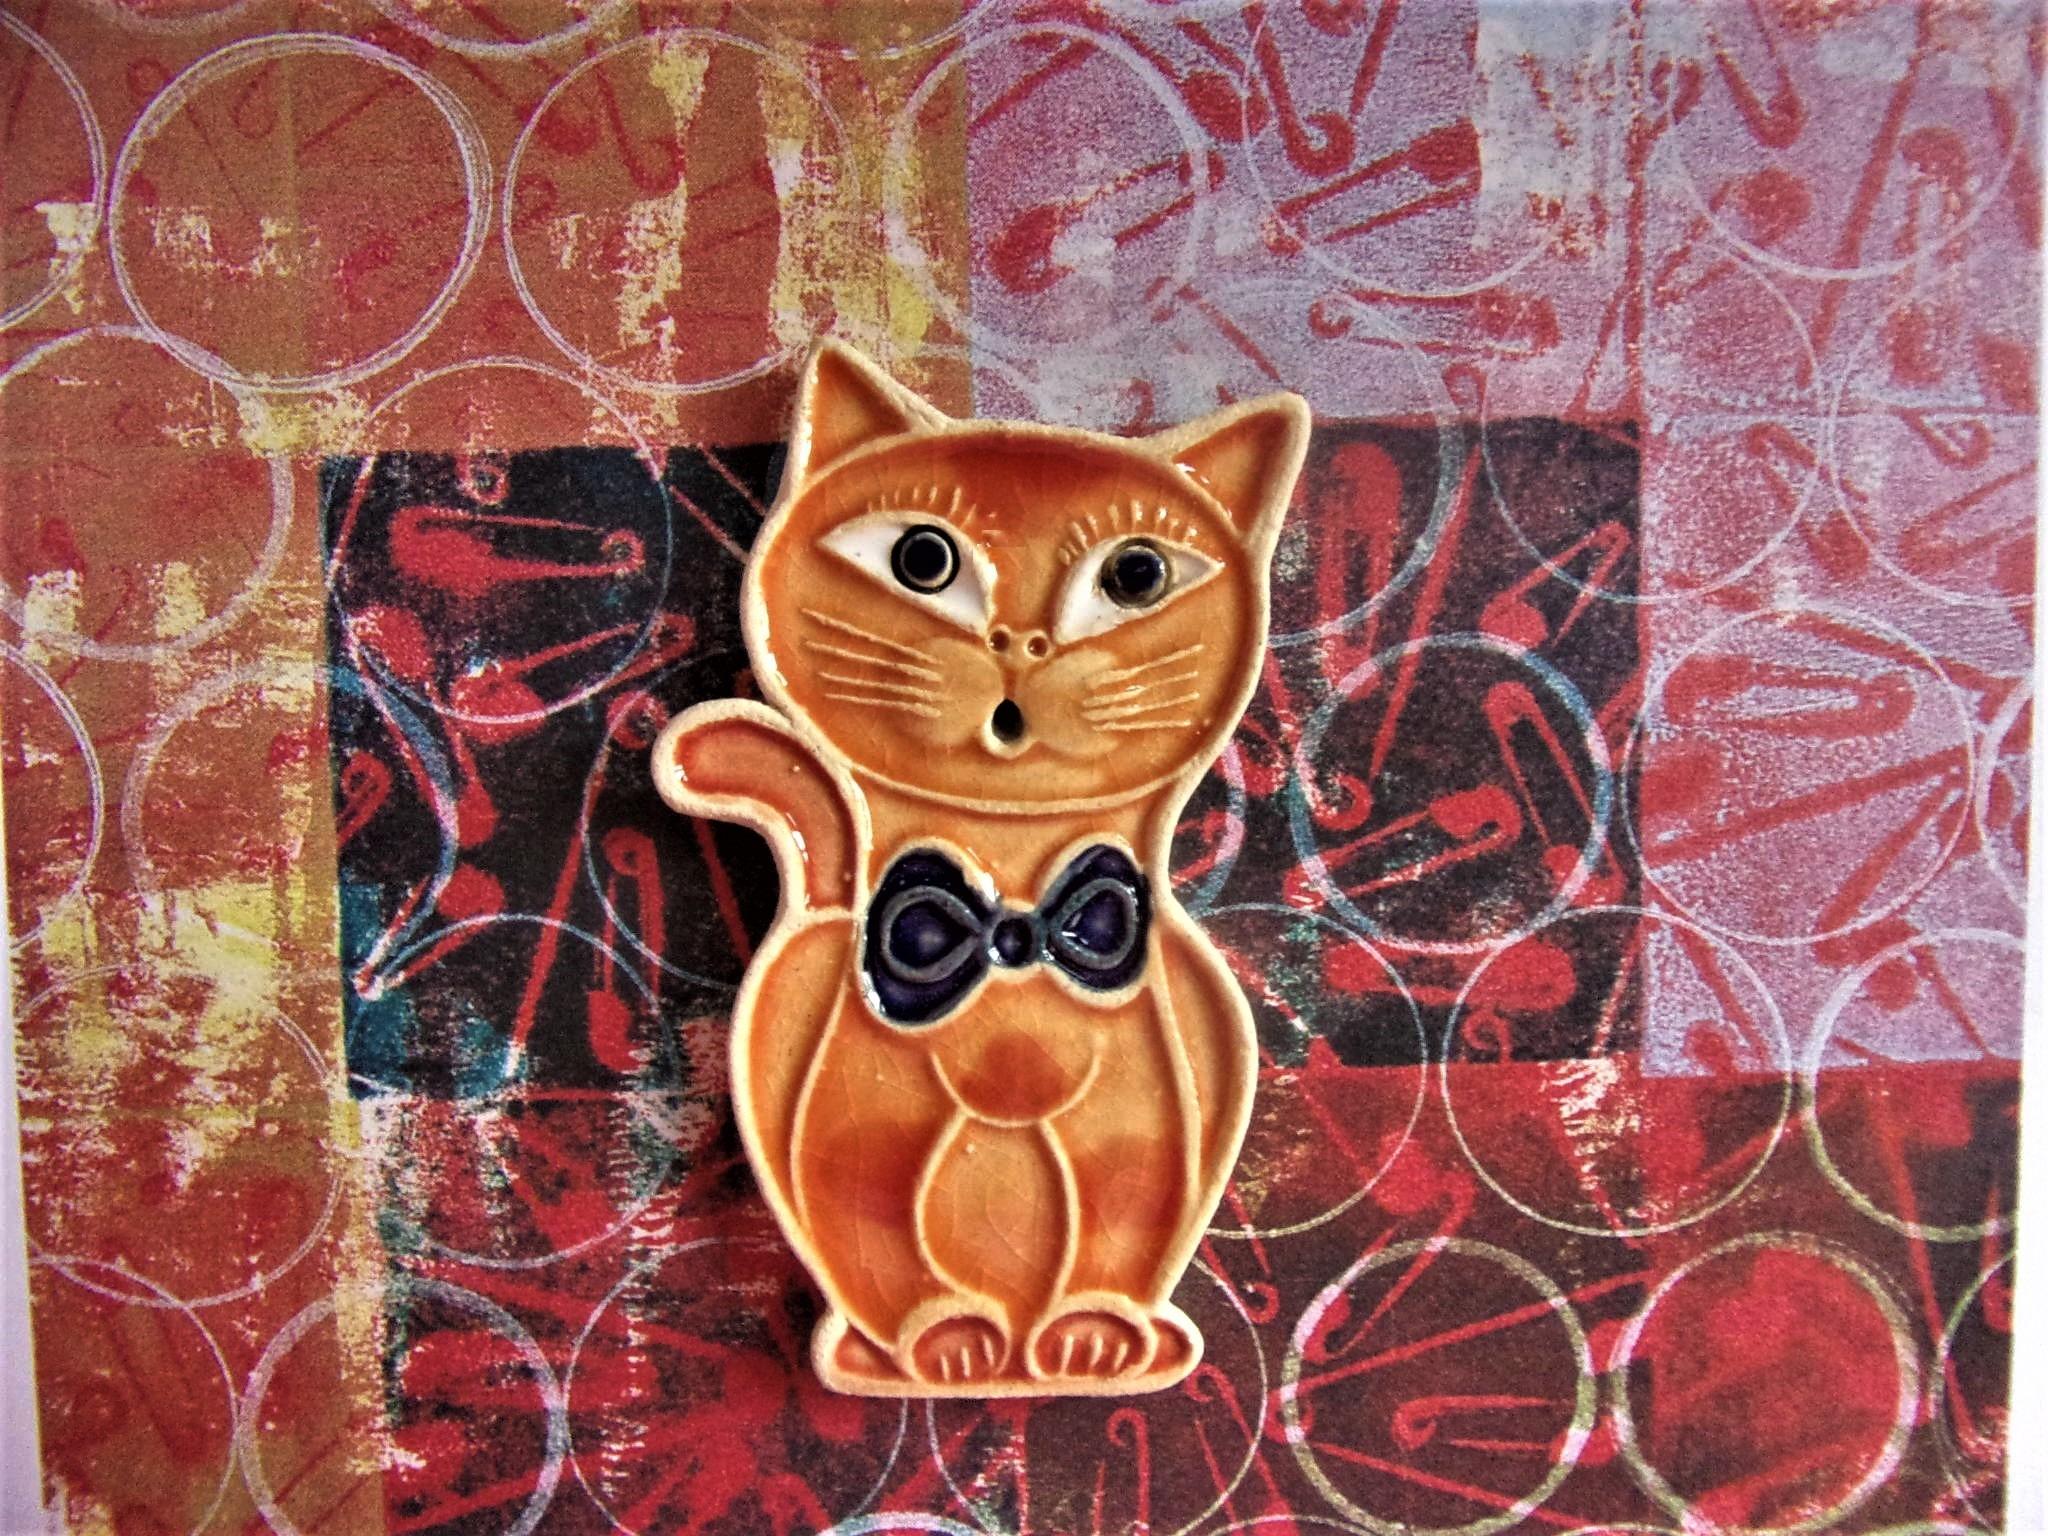 keramická placka s motivem kočky je vhodná jako drobný dárek, velikost je cca 5x7 cm